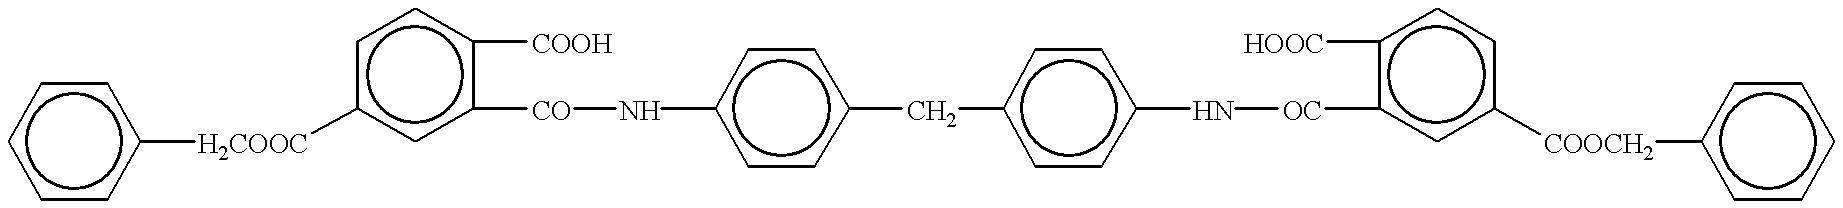 Figure US06180560-20010130-C00154